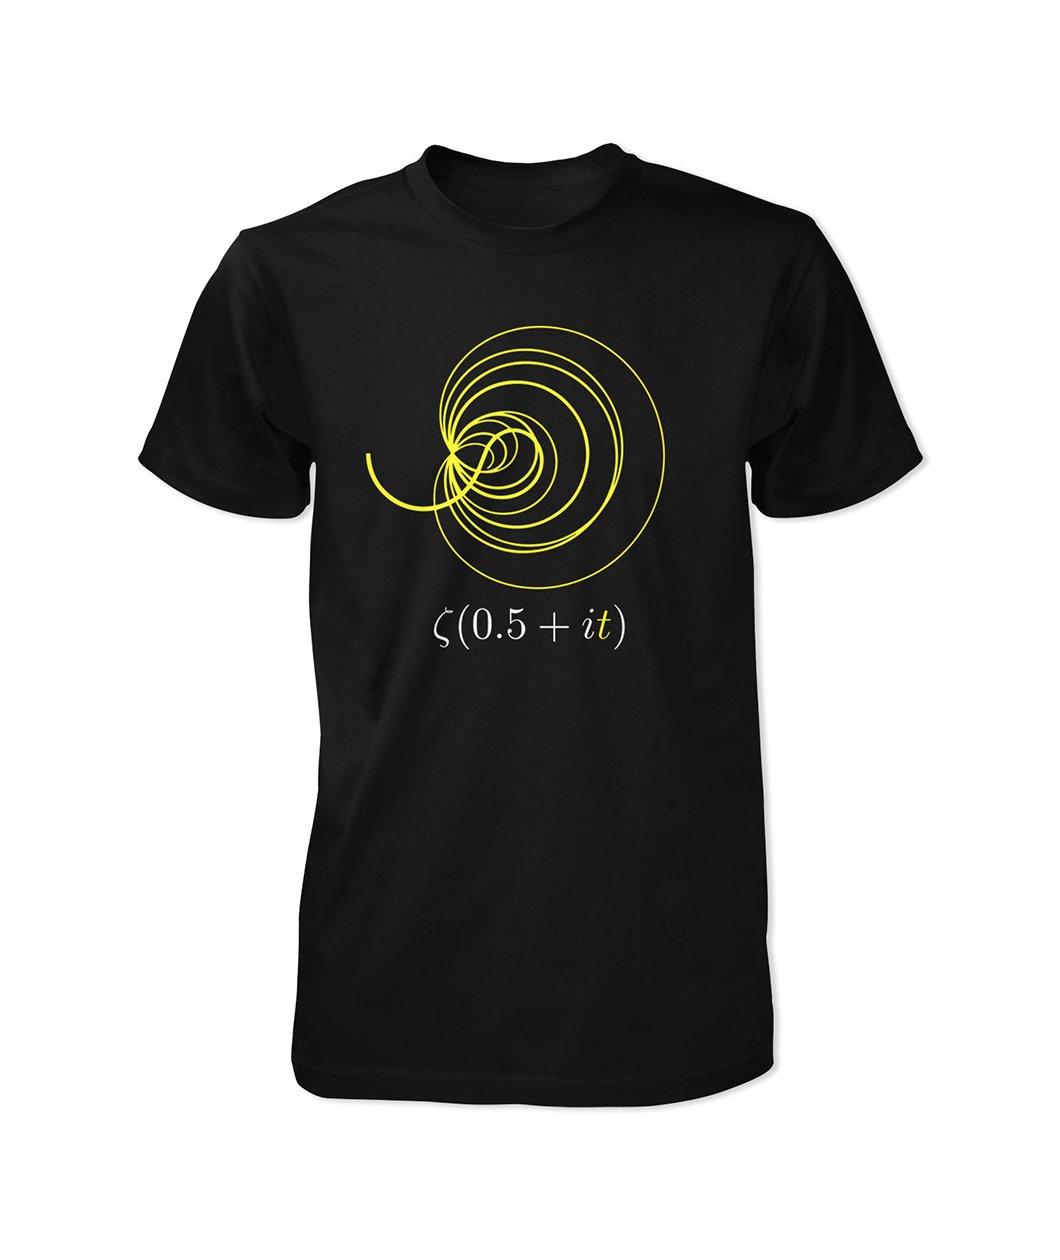 Zeta spiral shirt